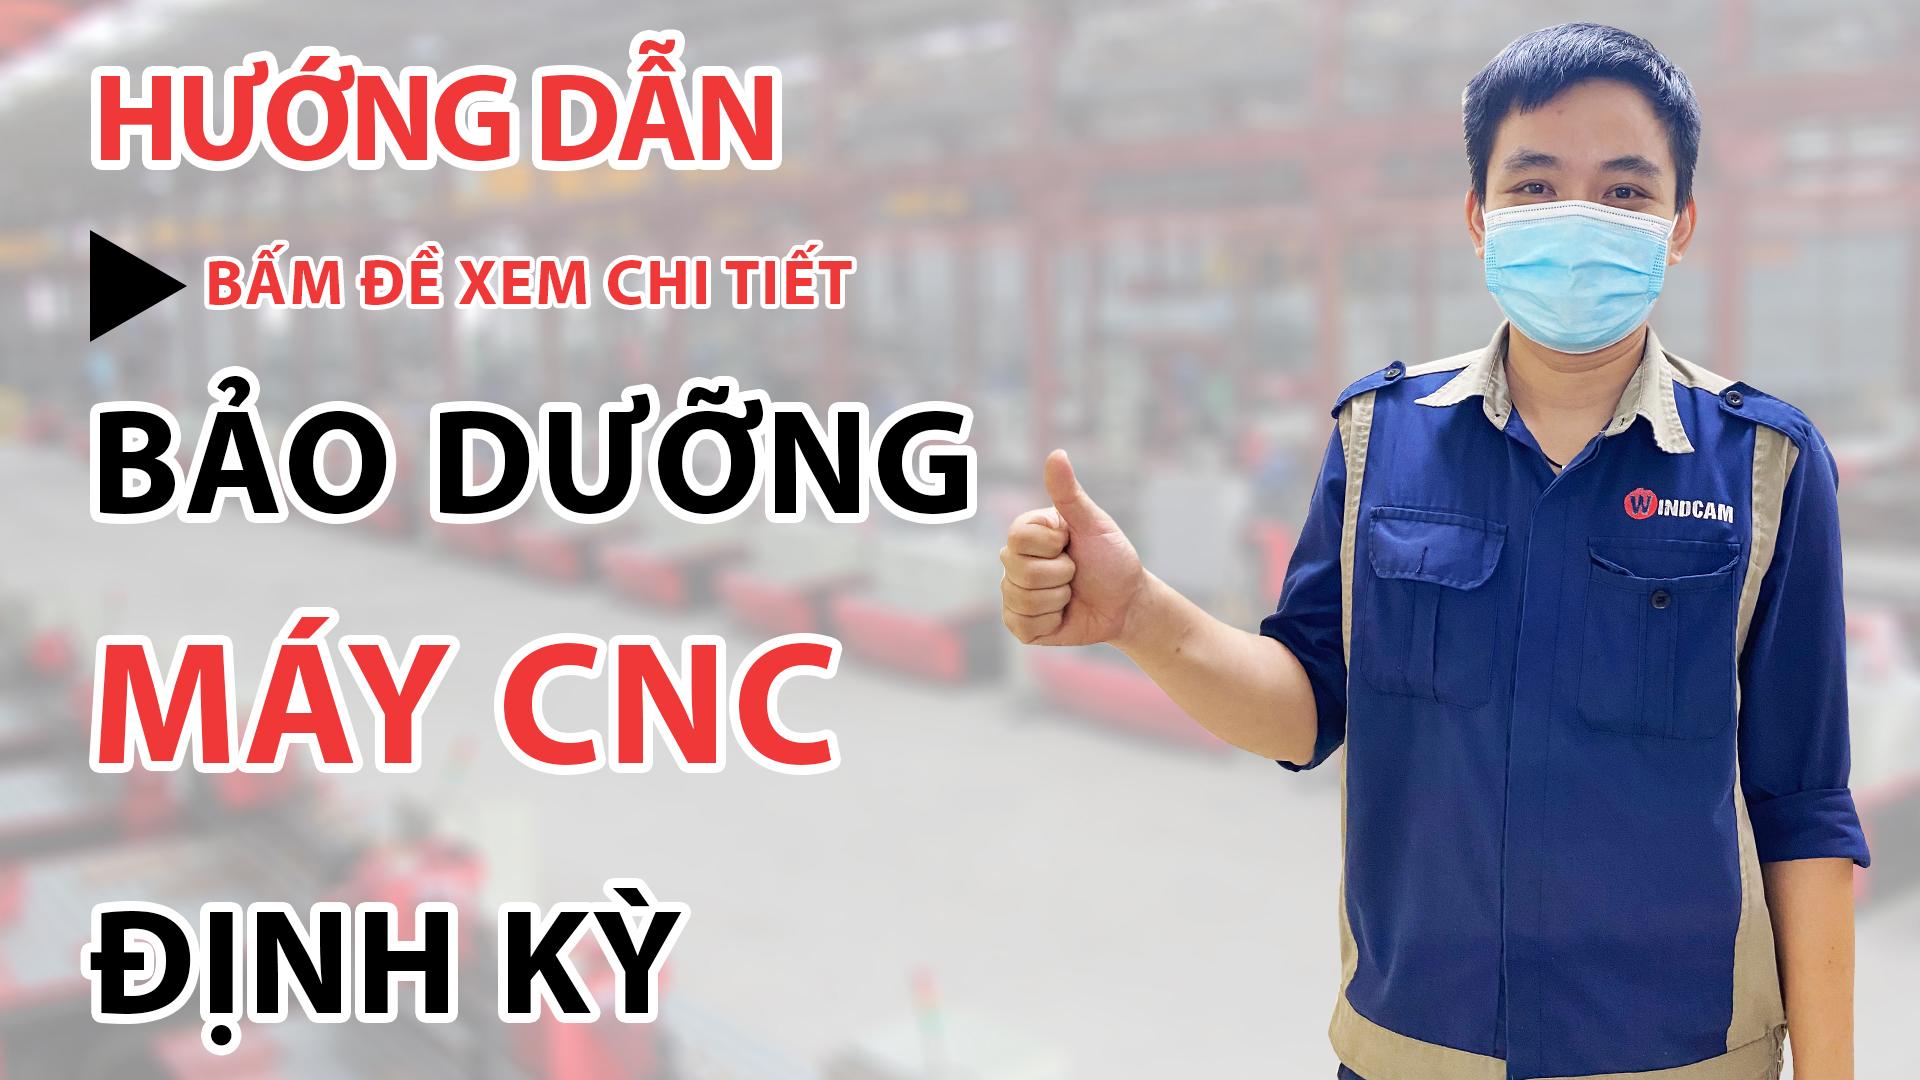 1632132726_huong-dan-bao-duong-may-cnc-duc-.jpg